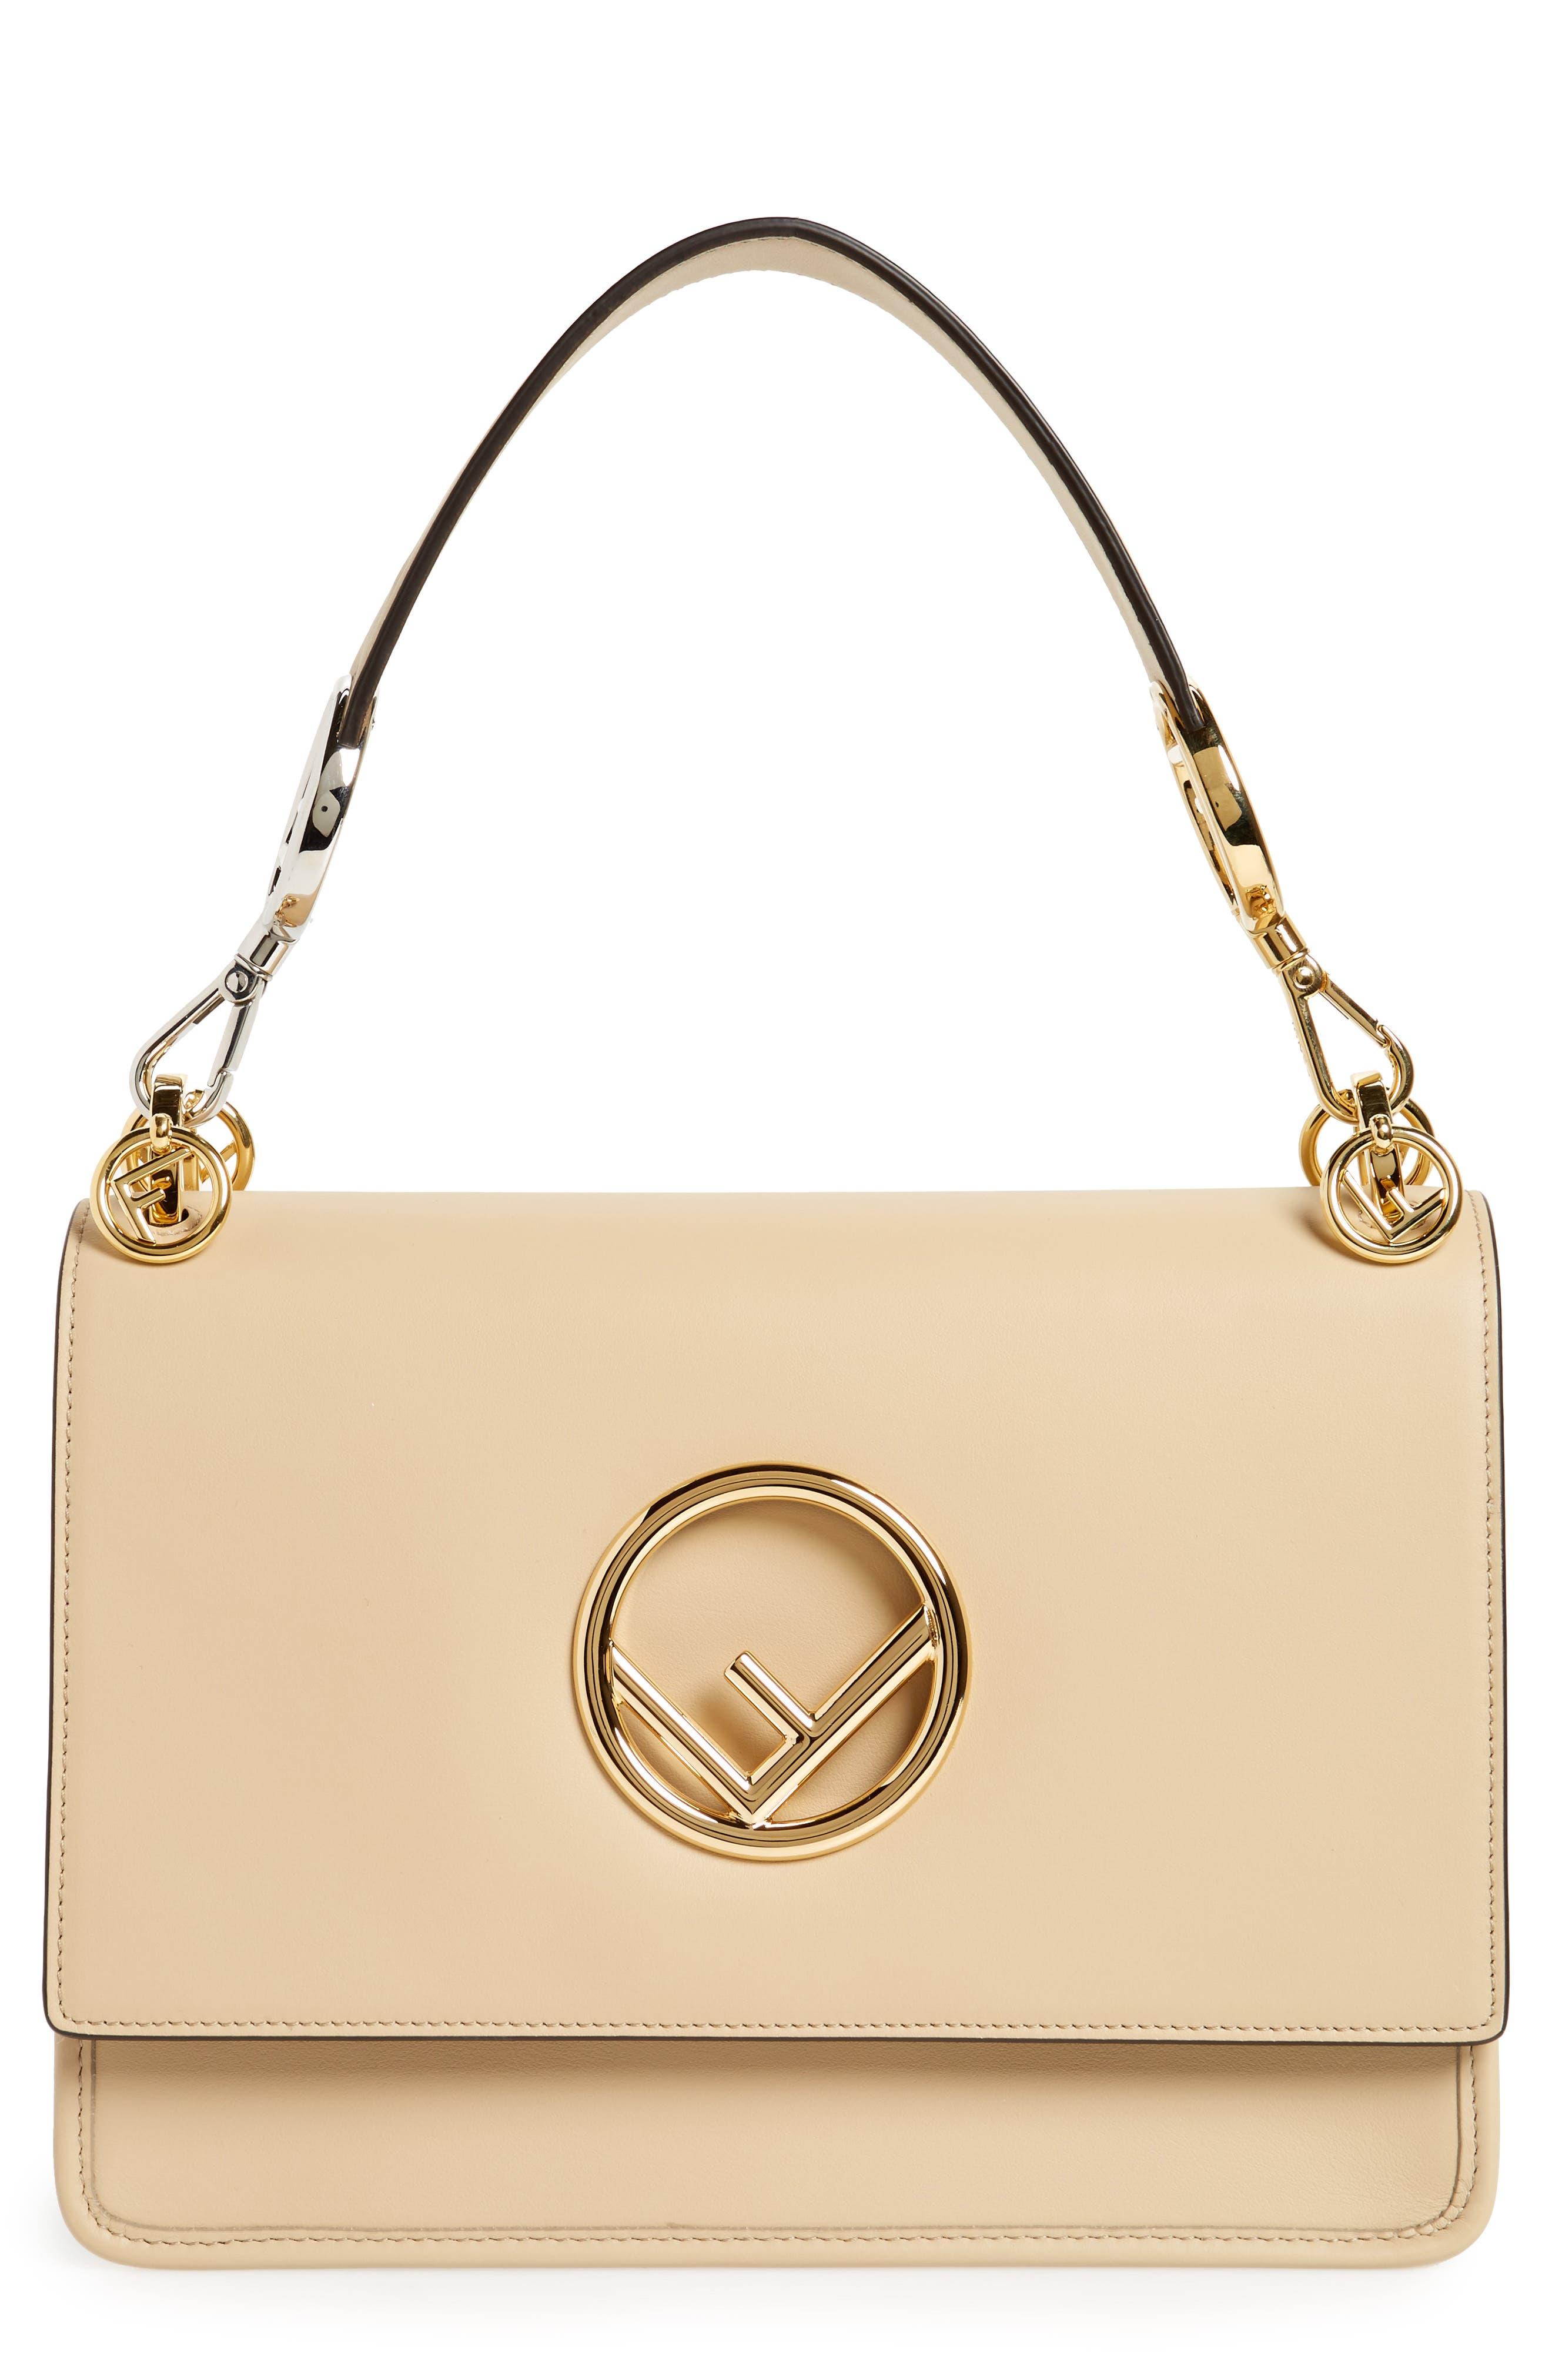 Alternate Image 1 Selected - Fendi Kan I Calfskin Leather Shoulder Bag